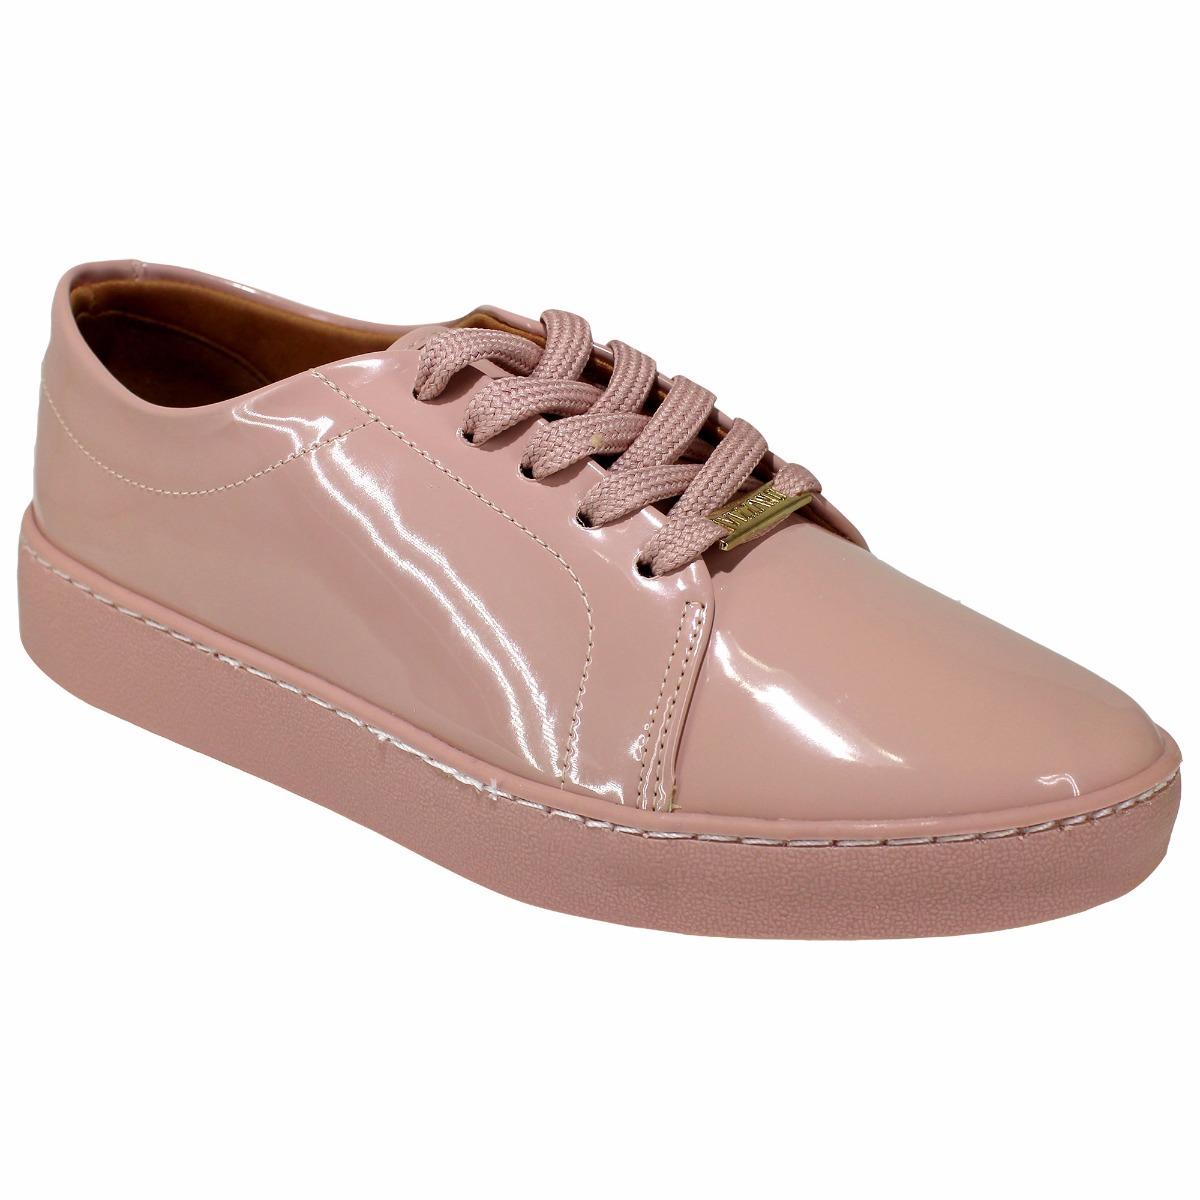 f0a87a807 tênis vizzano verniz premium - rosa - frete grátis. Carregando zoom.